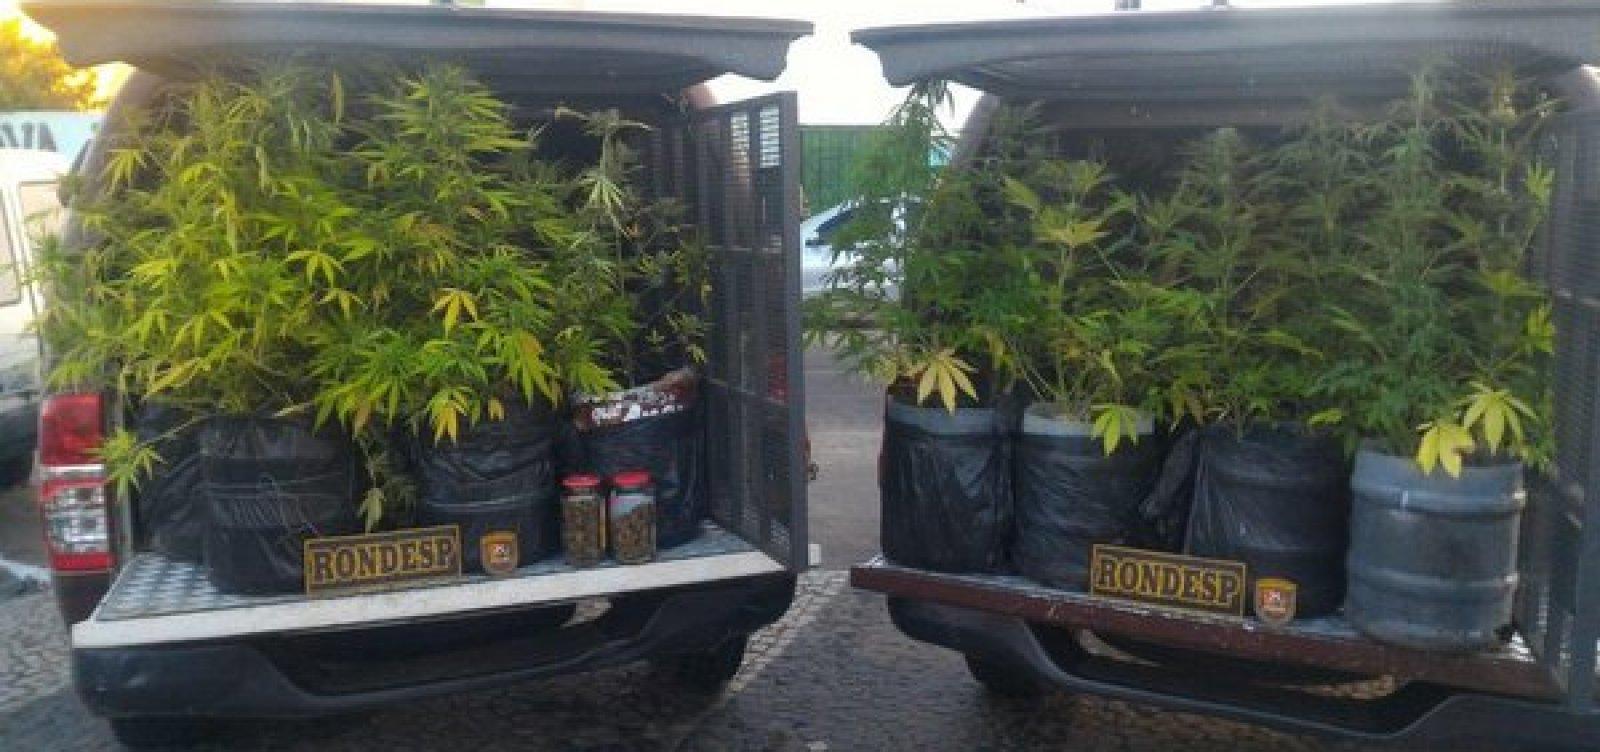 PM apreende plantação de maconha em Vitória da Conquista